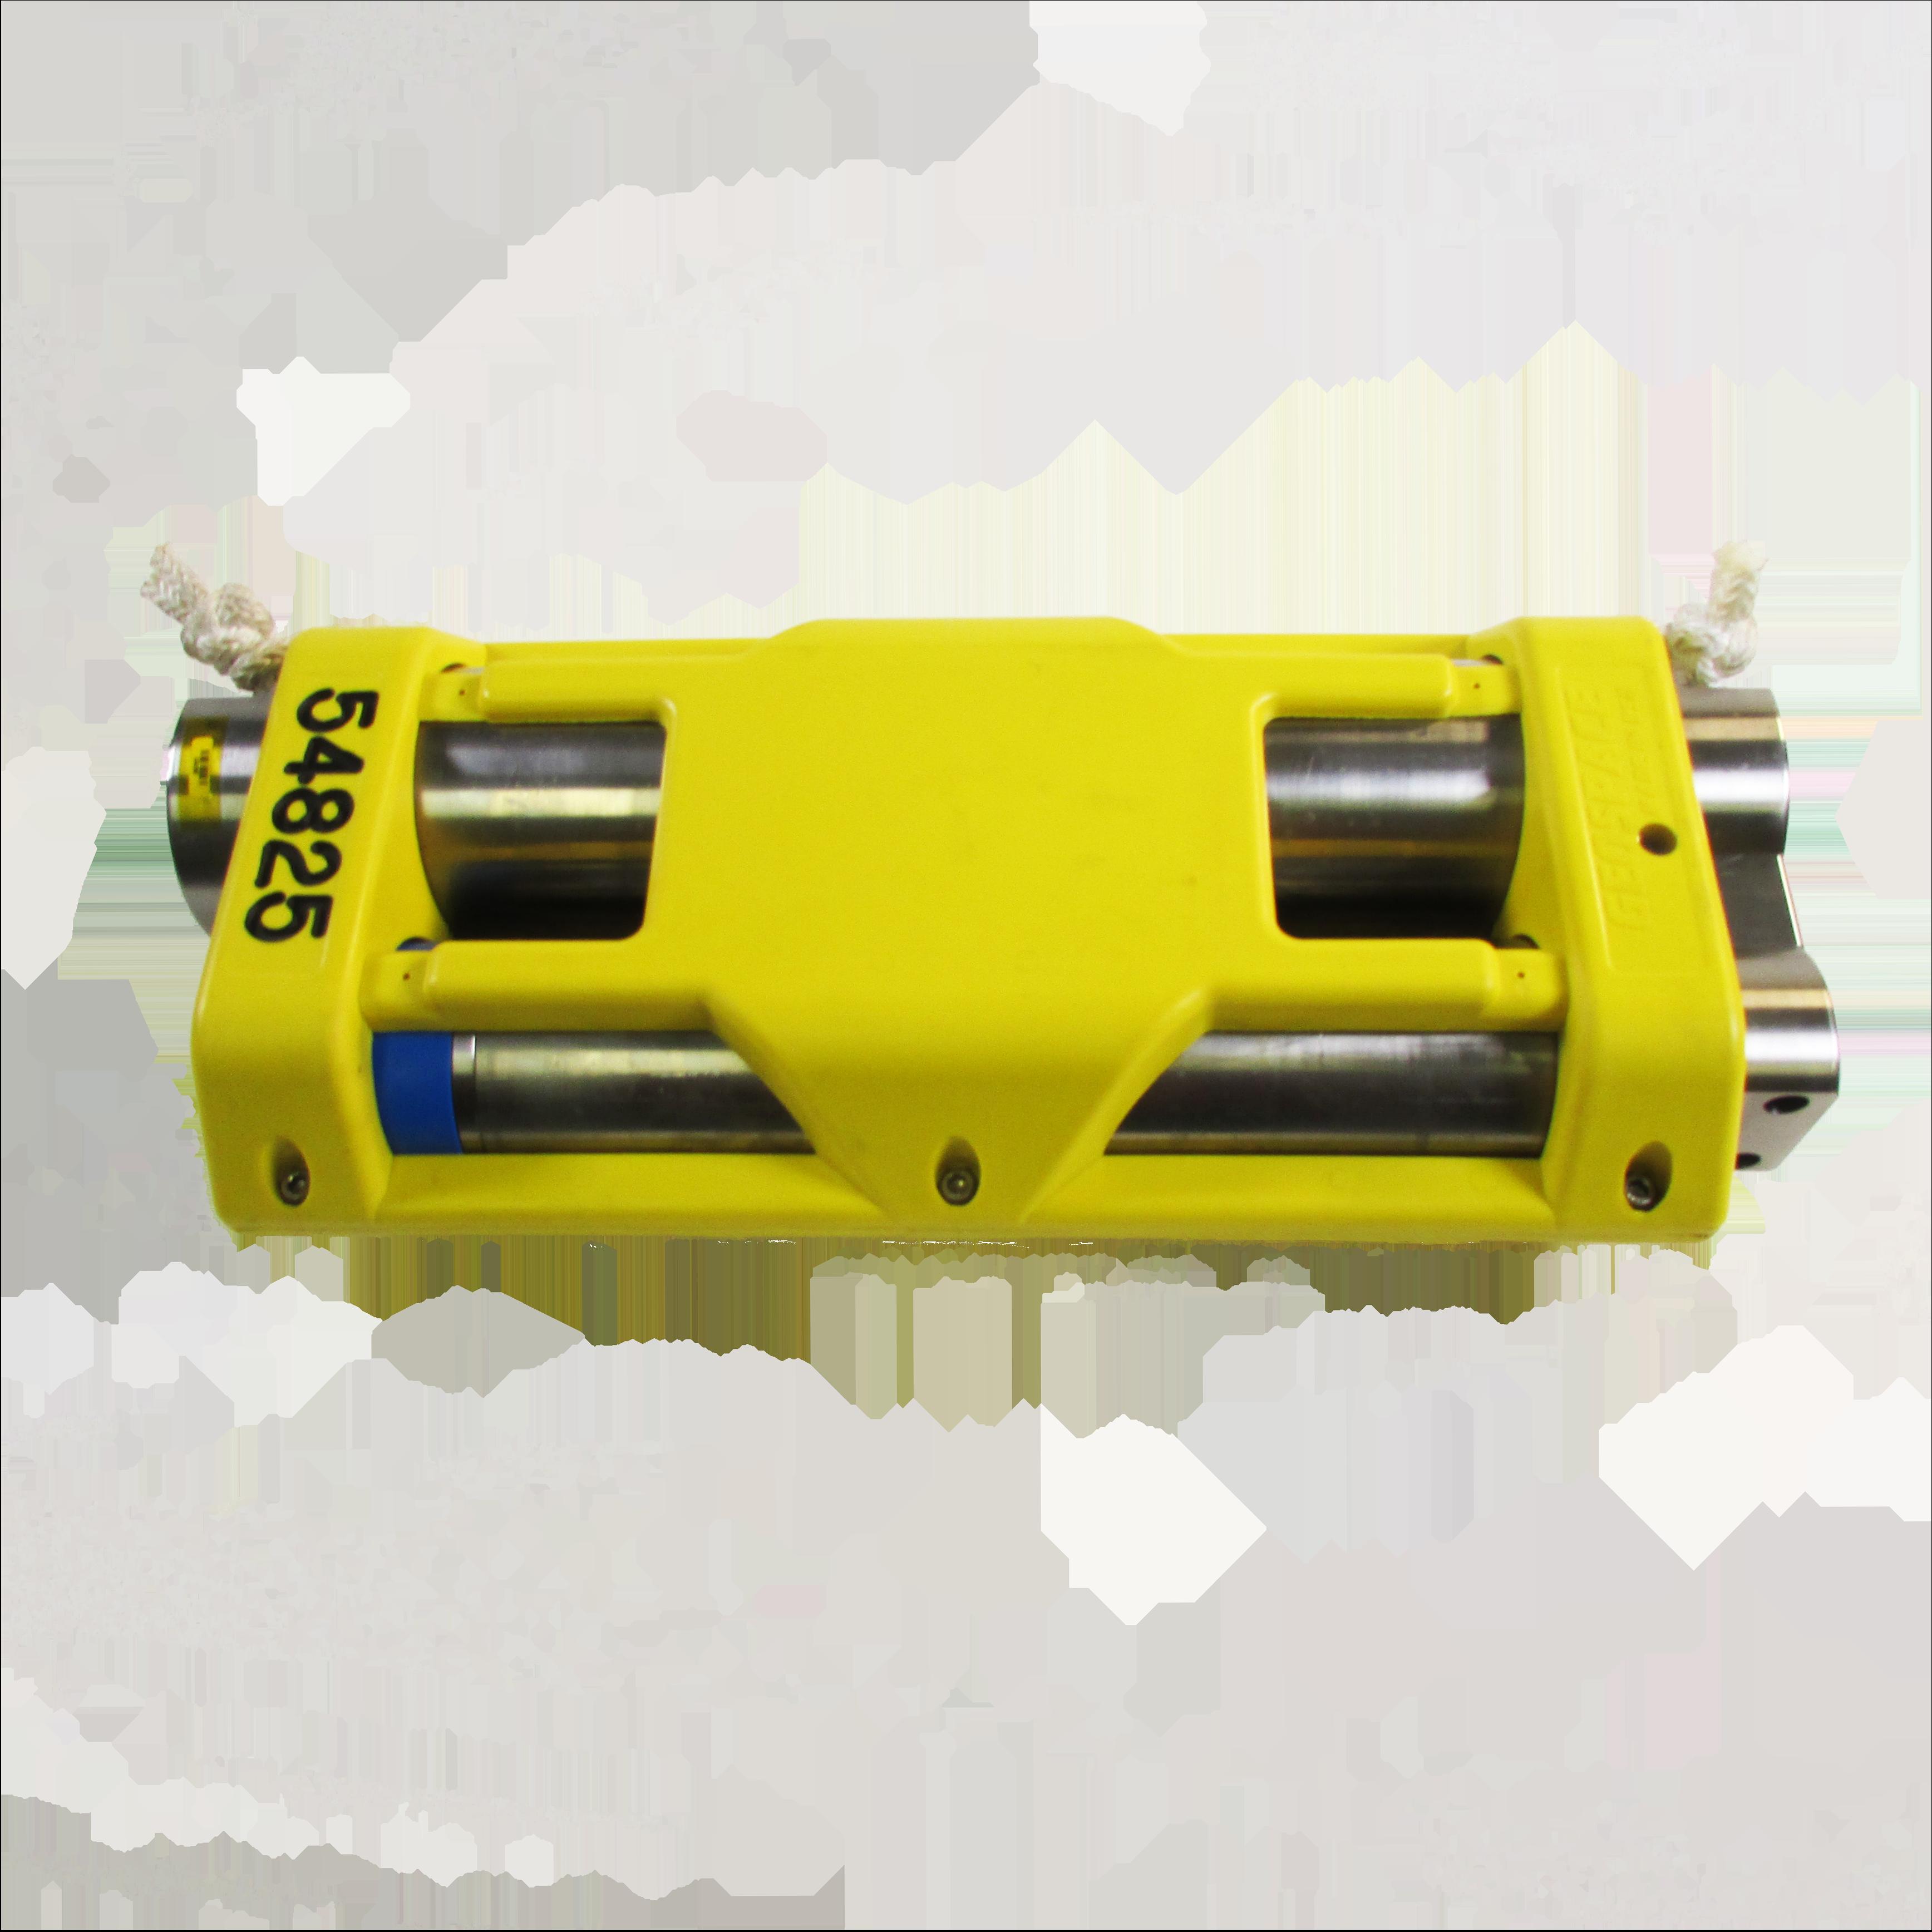 OBX2-90 bright